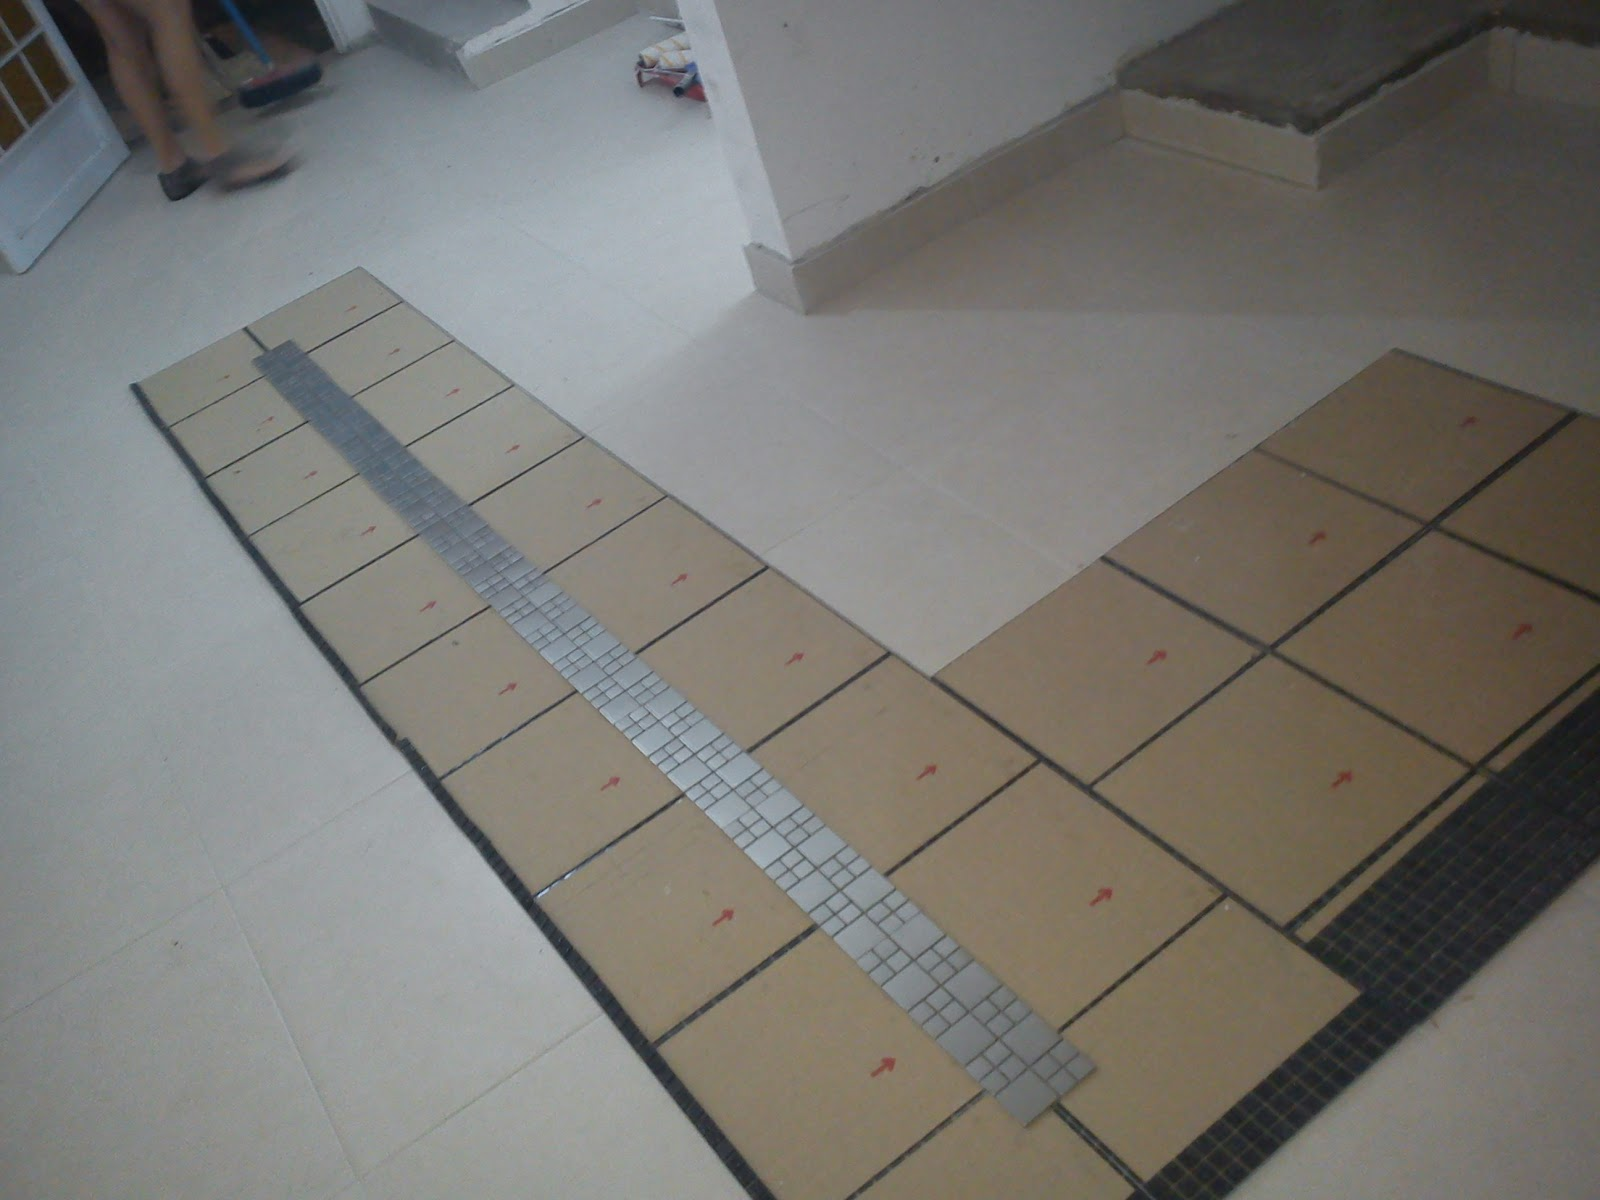 Aqui é o seguinte: o pedreiro ja montou no chão como será instalada  #5C4F43 1600 1200